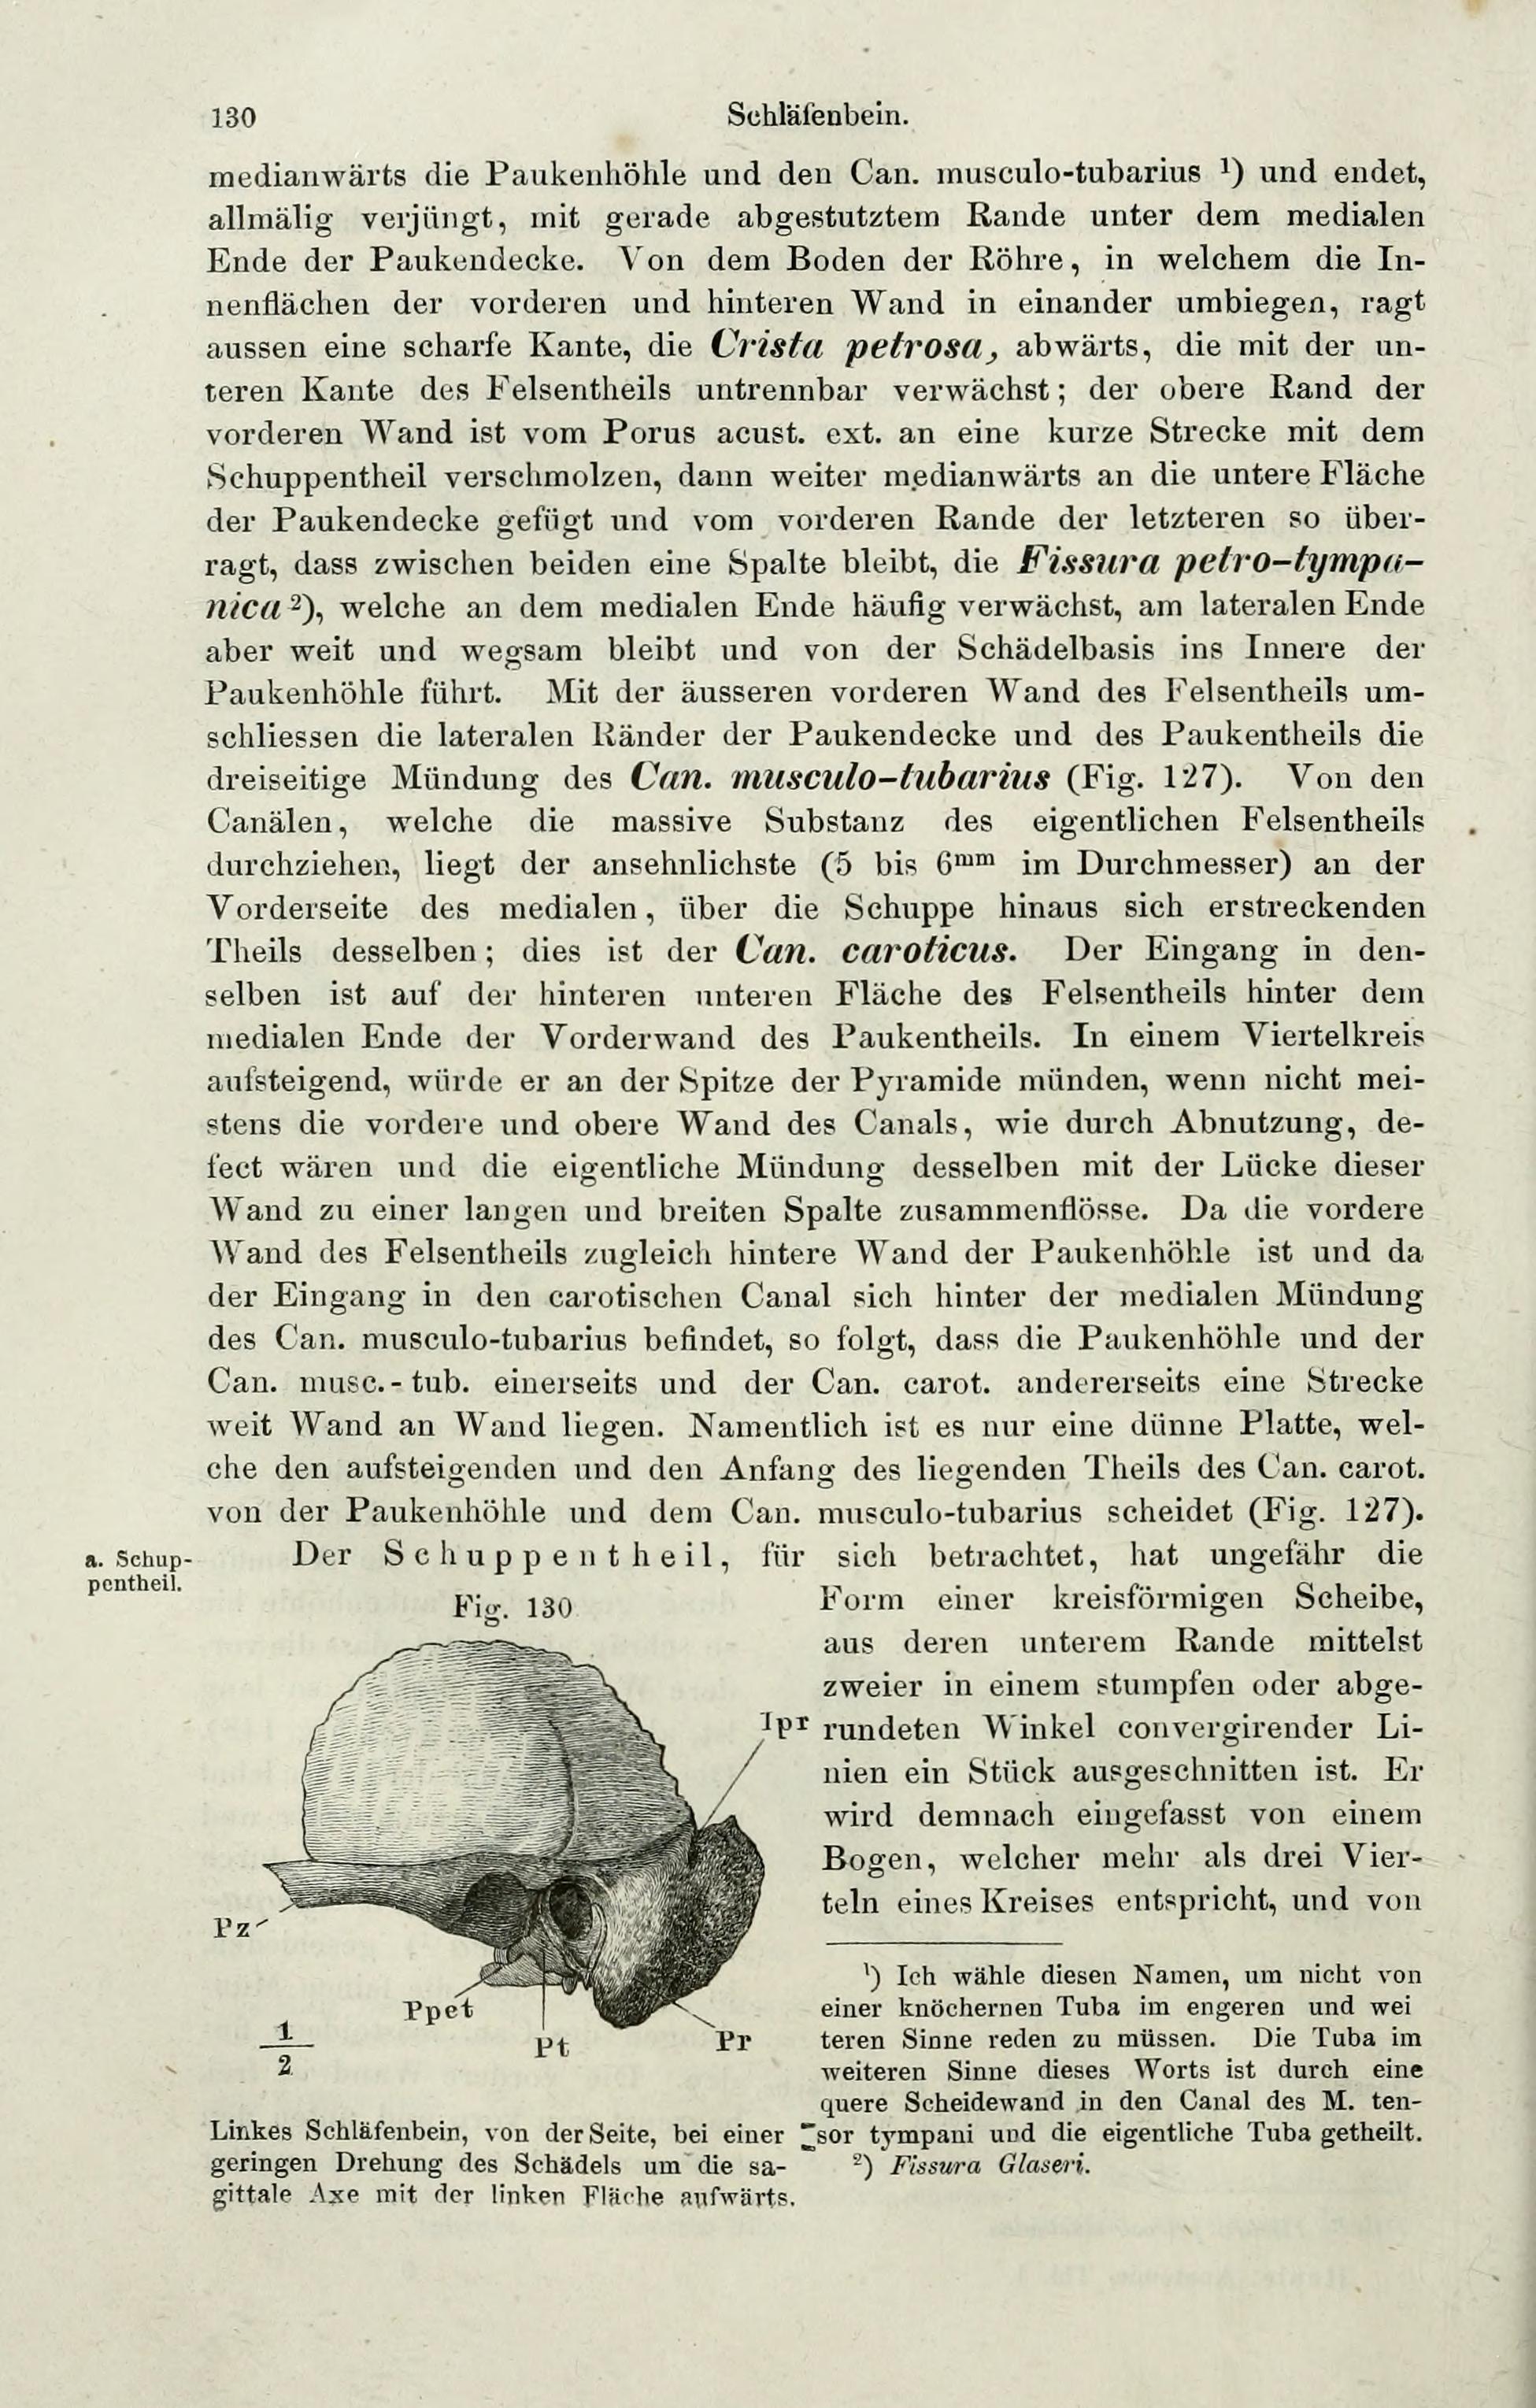 Ausgezeichnet Ct Anatomie Des Schläfenbeins Bilder - Anatomie Ideen ...